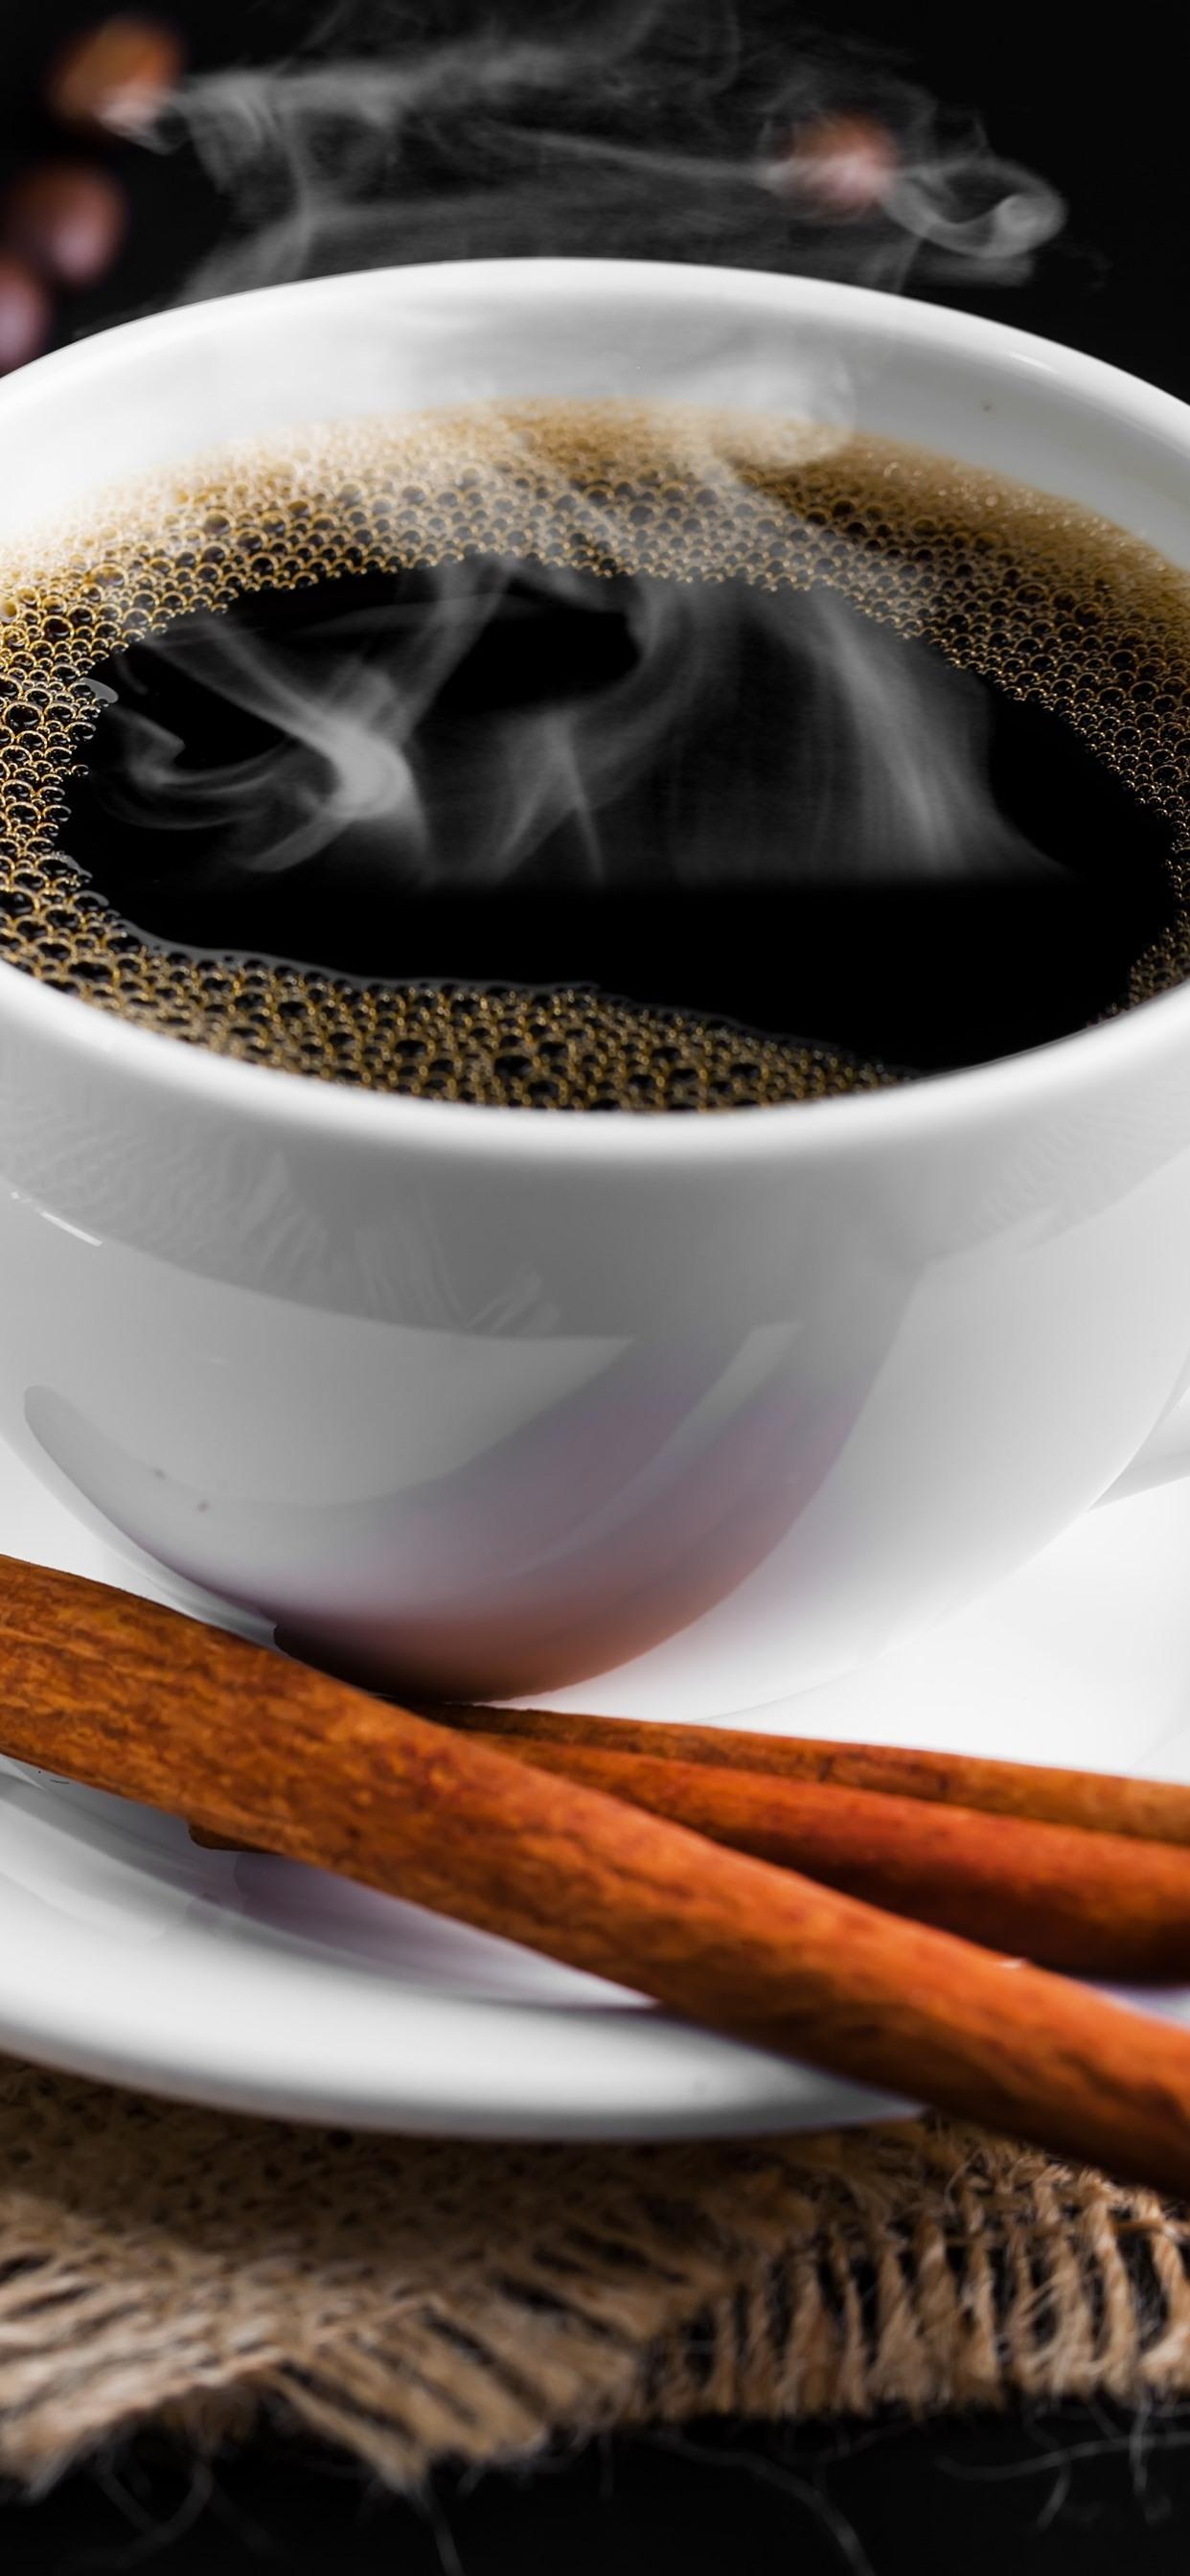 コーヒー1杯 シナモン コーヒー豆 1242x2688 Iphone 11 Pro Xs Max